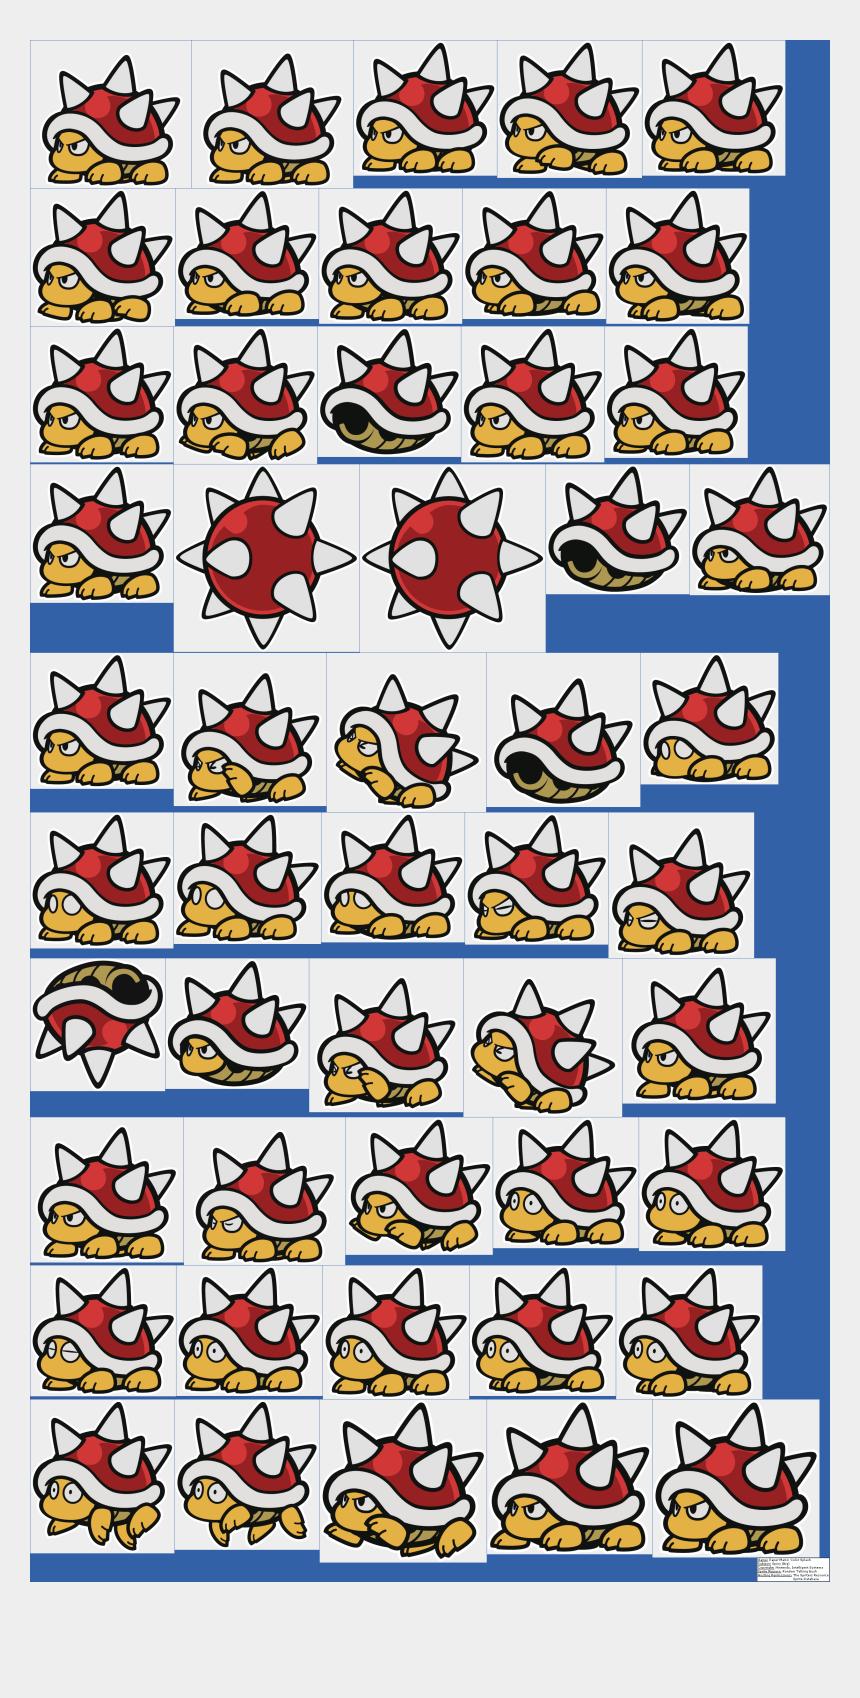 sheet paper clipart, Cartoons - Paper Sheet Clipart Big - Paper Mario 64 Sprites Spiny